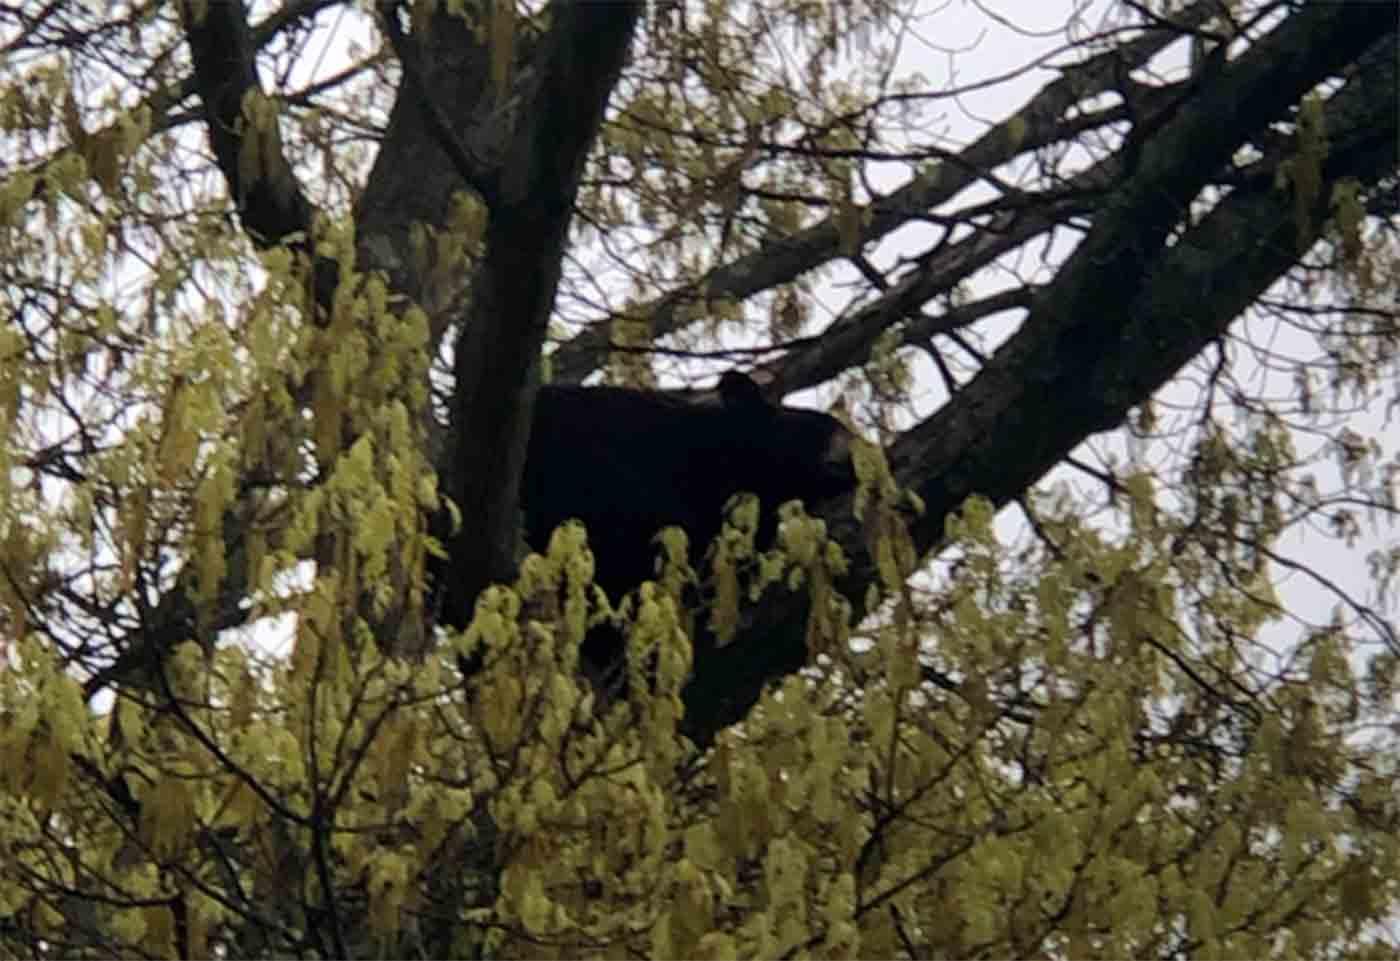 arlington bear